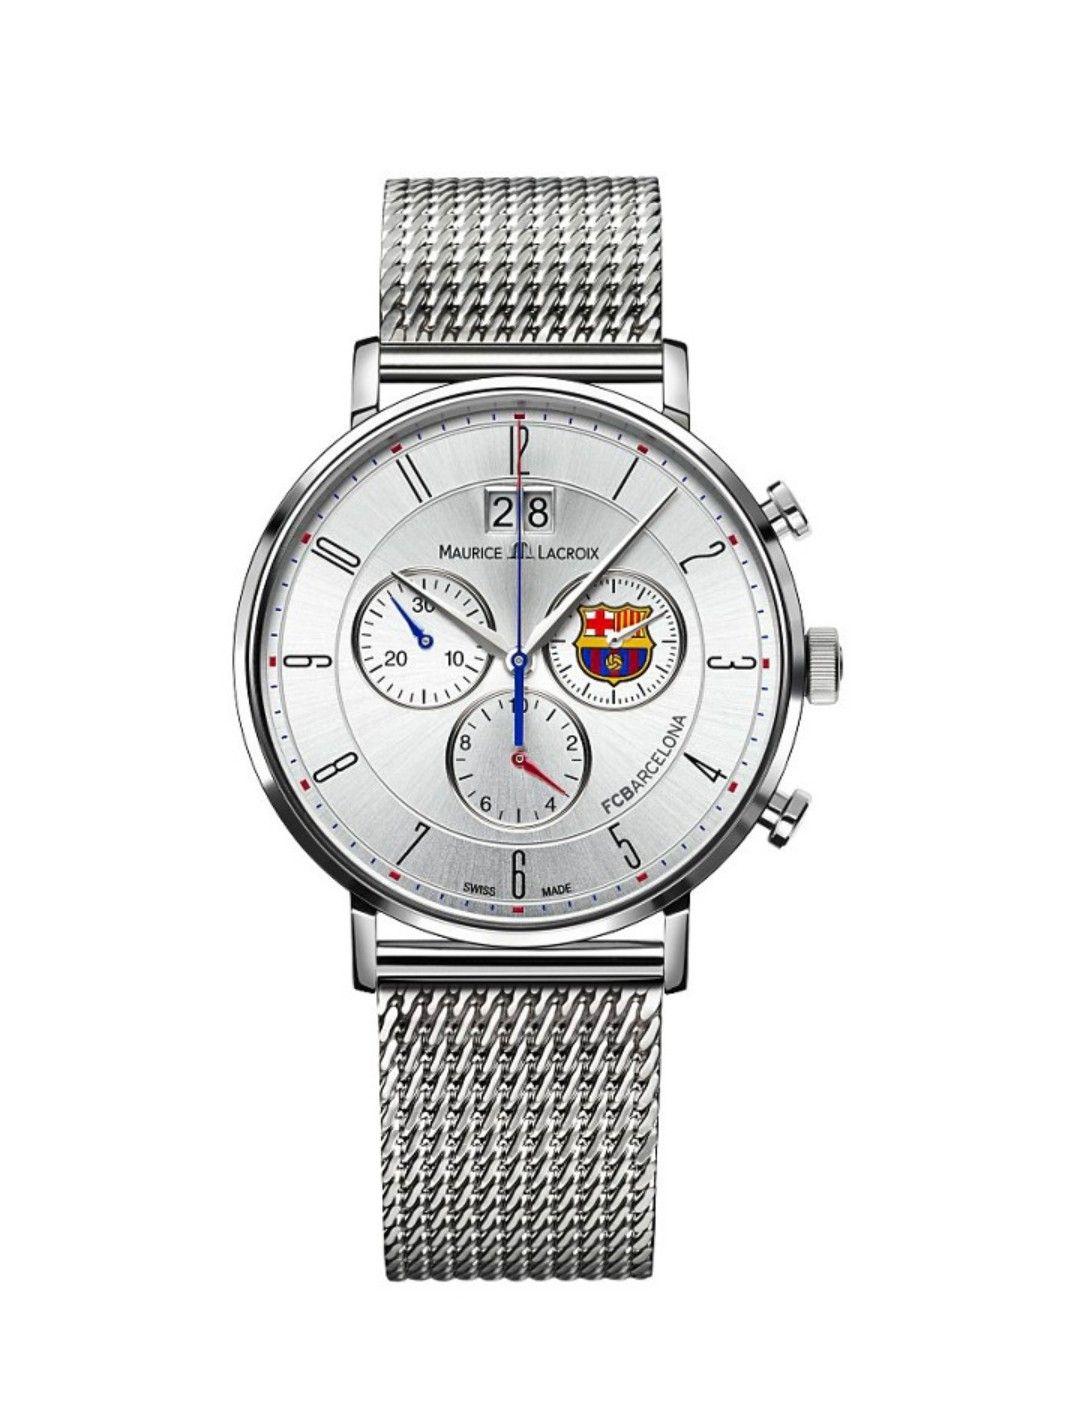 Maurice Lacroix Chronograph Uhr